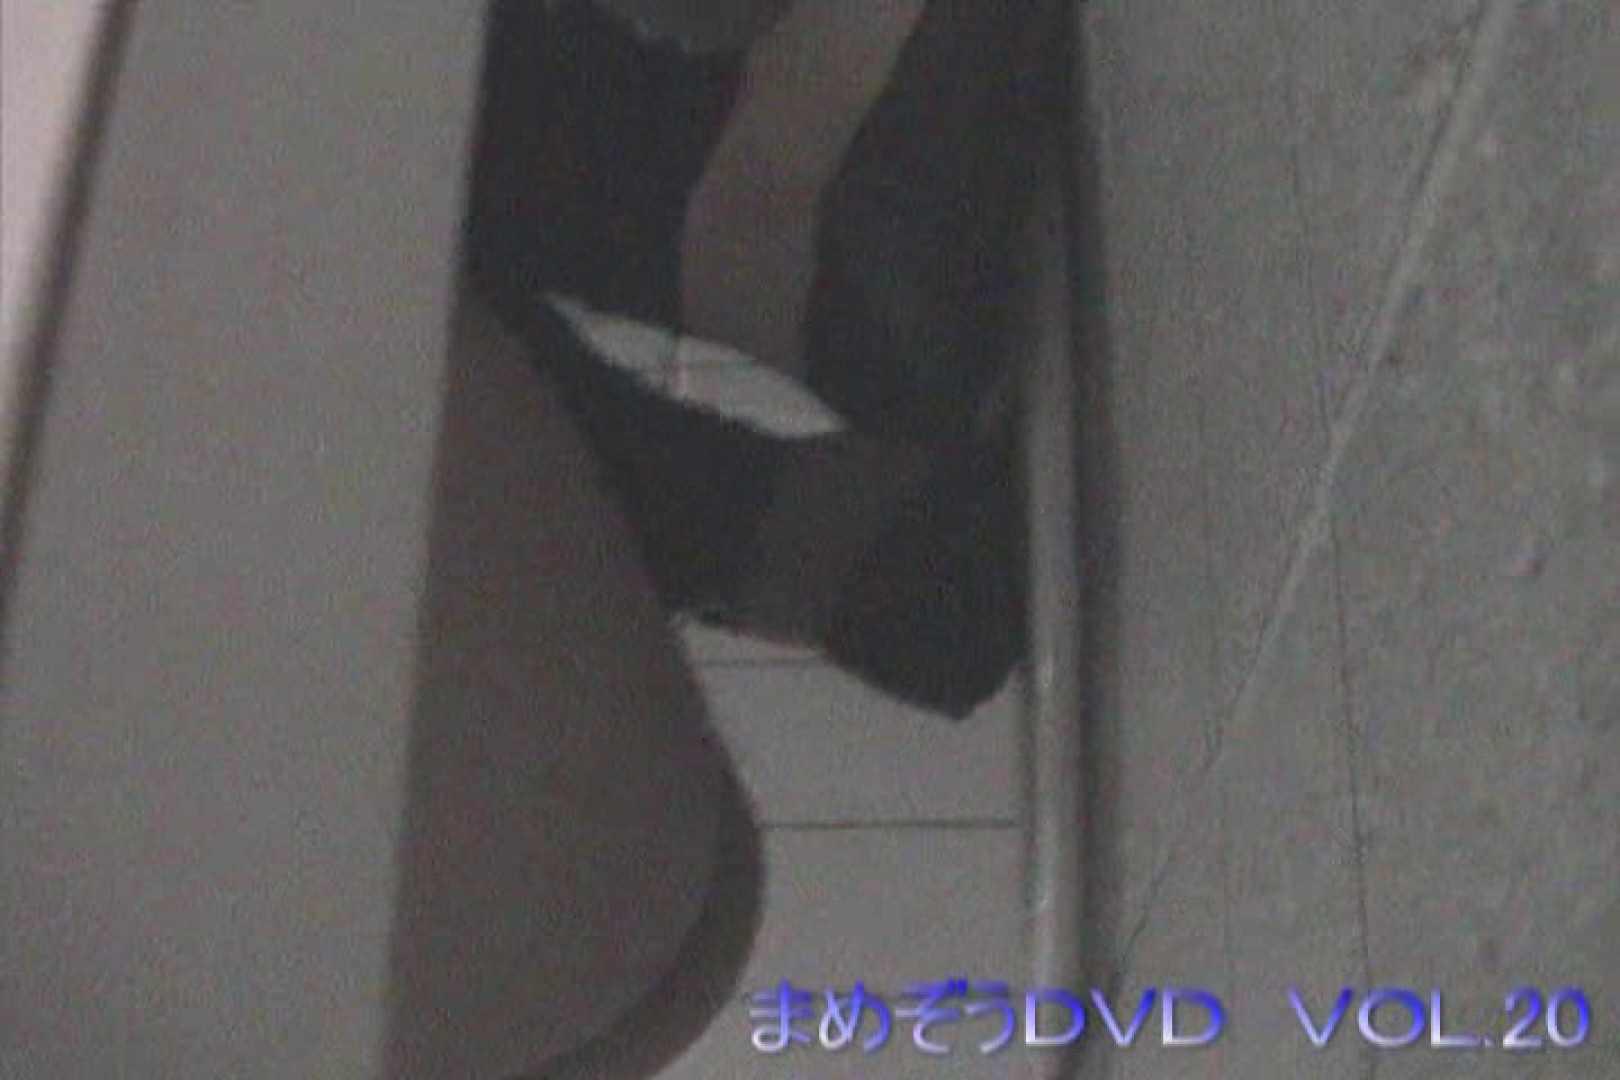 まめぞうDVD完全版VOL.20 OL女体  77連発 8